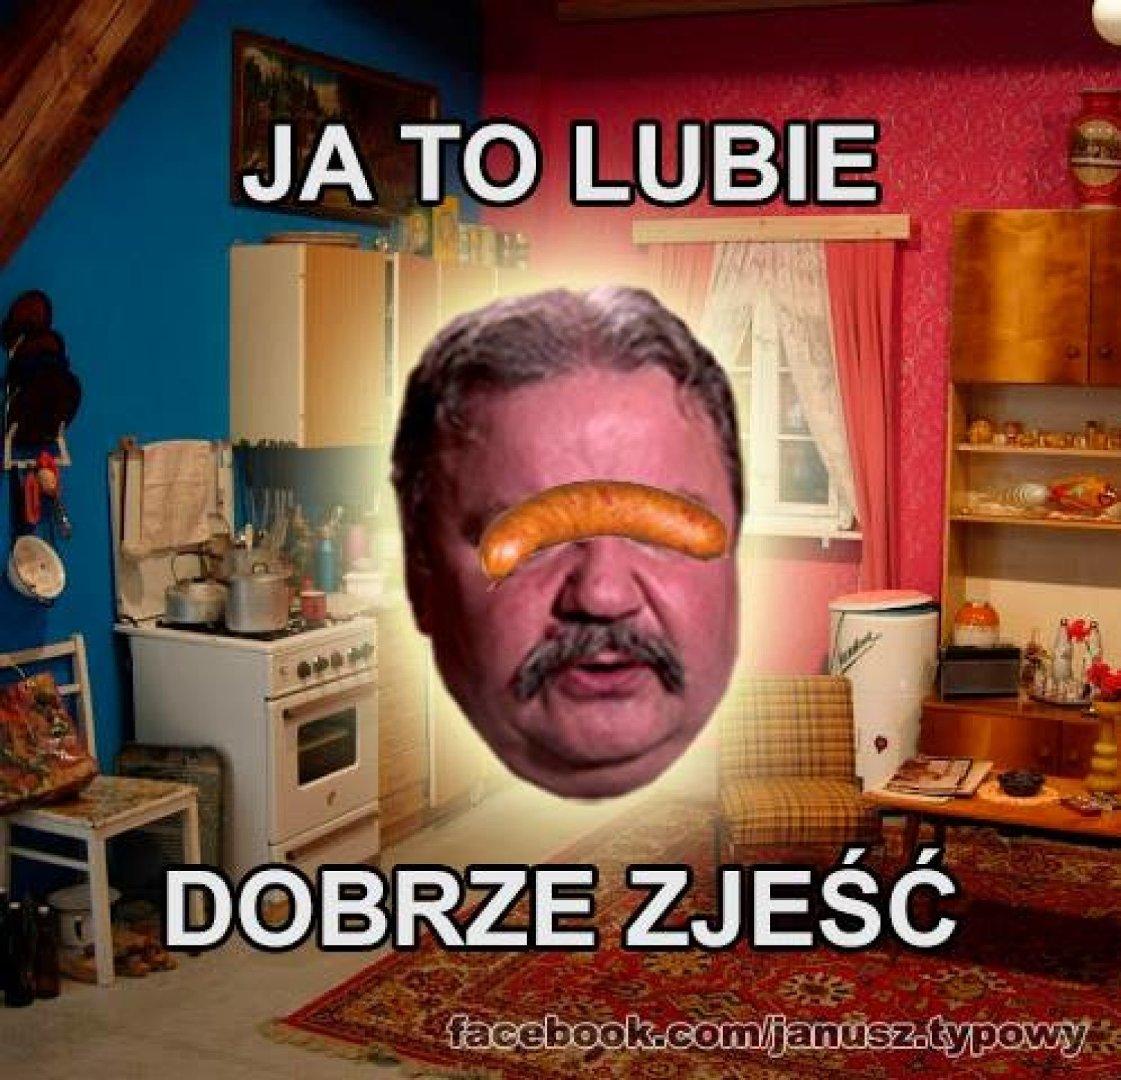 Lubi Sandały Grilla I Alkohol Typowy Janusz Ma W Sobie Coś Z